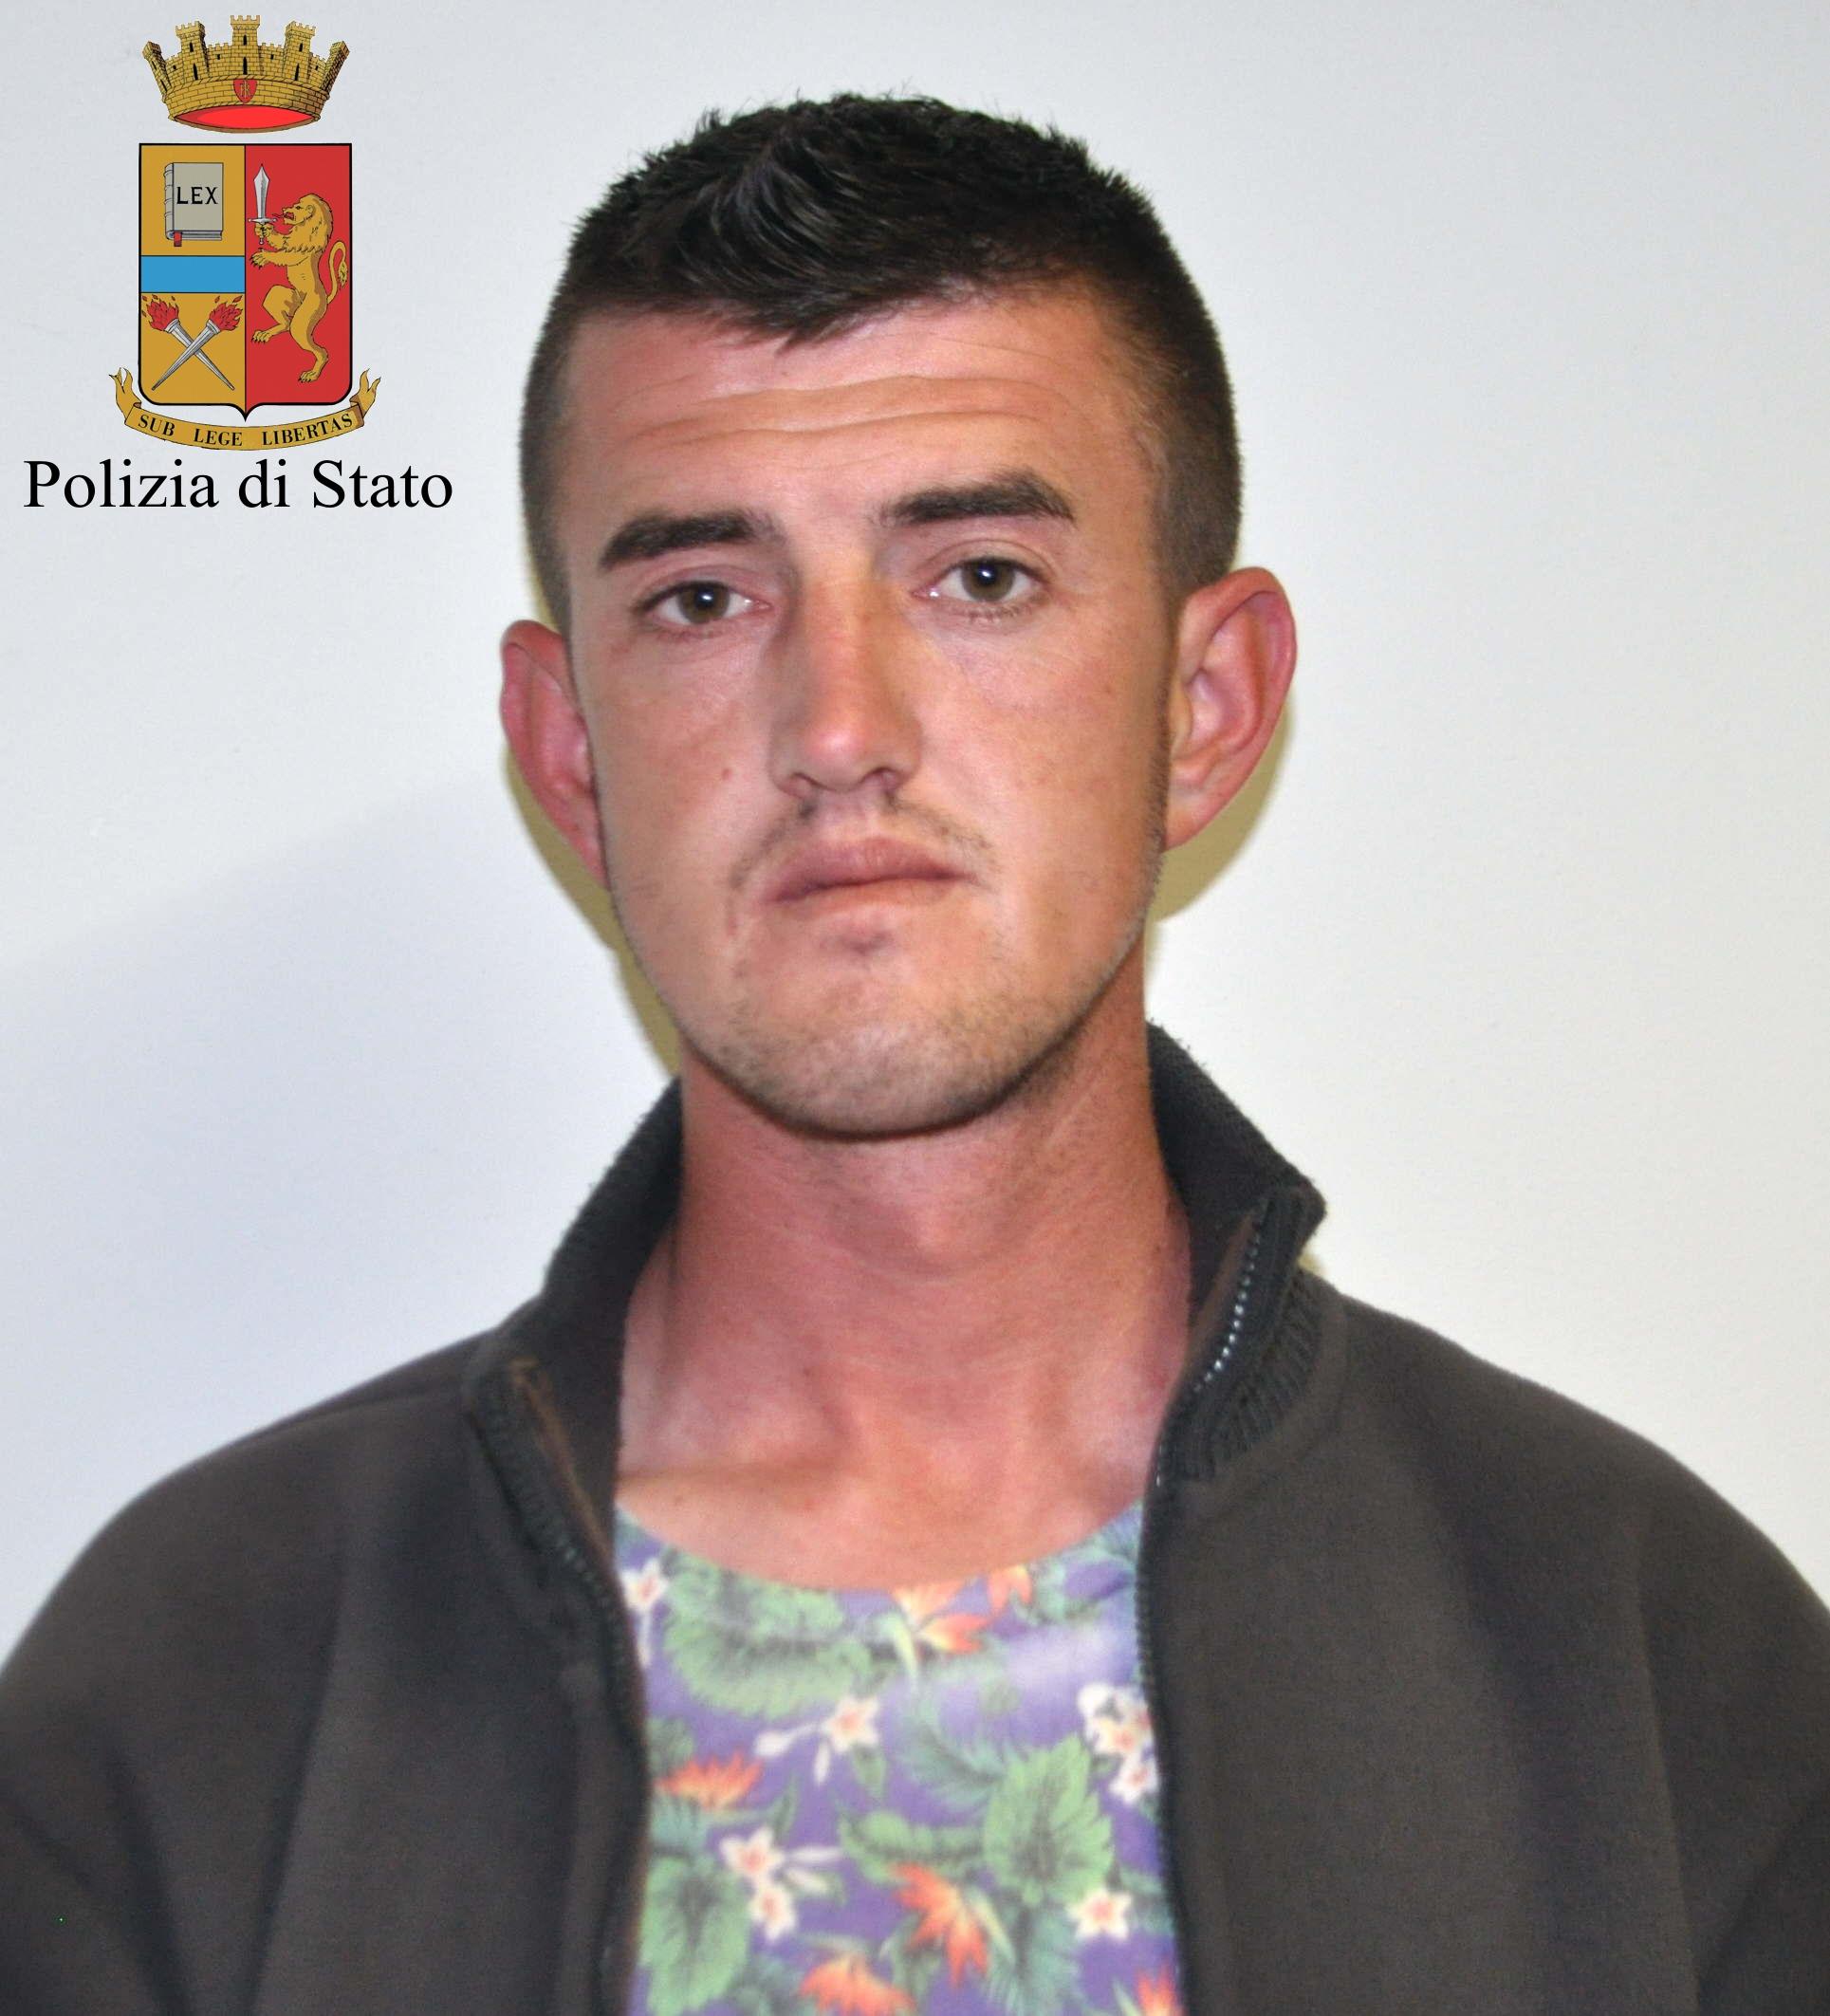 Comiso, voleva partire per Londra con documenti falsi: arrestato albanese